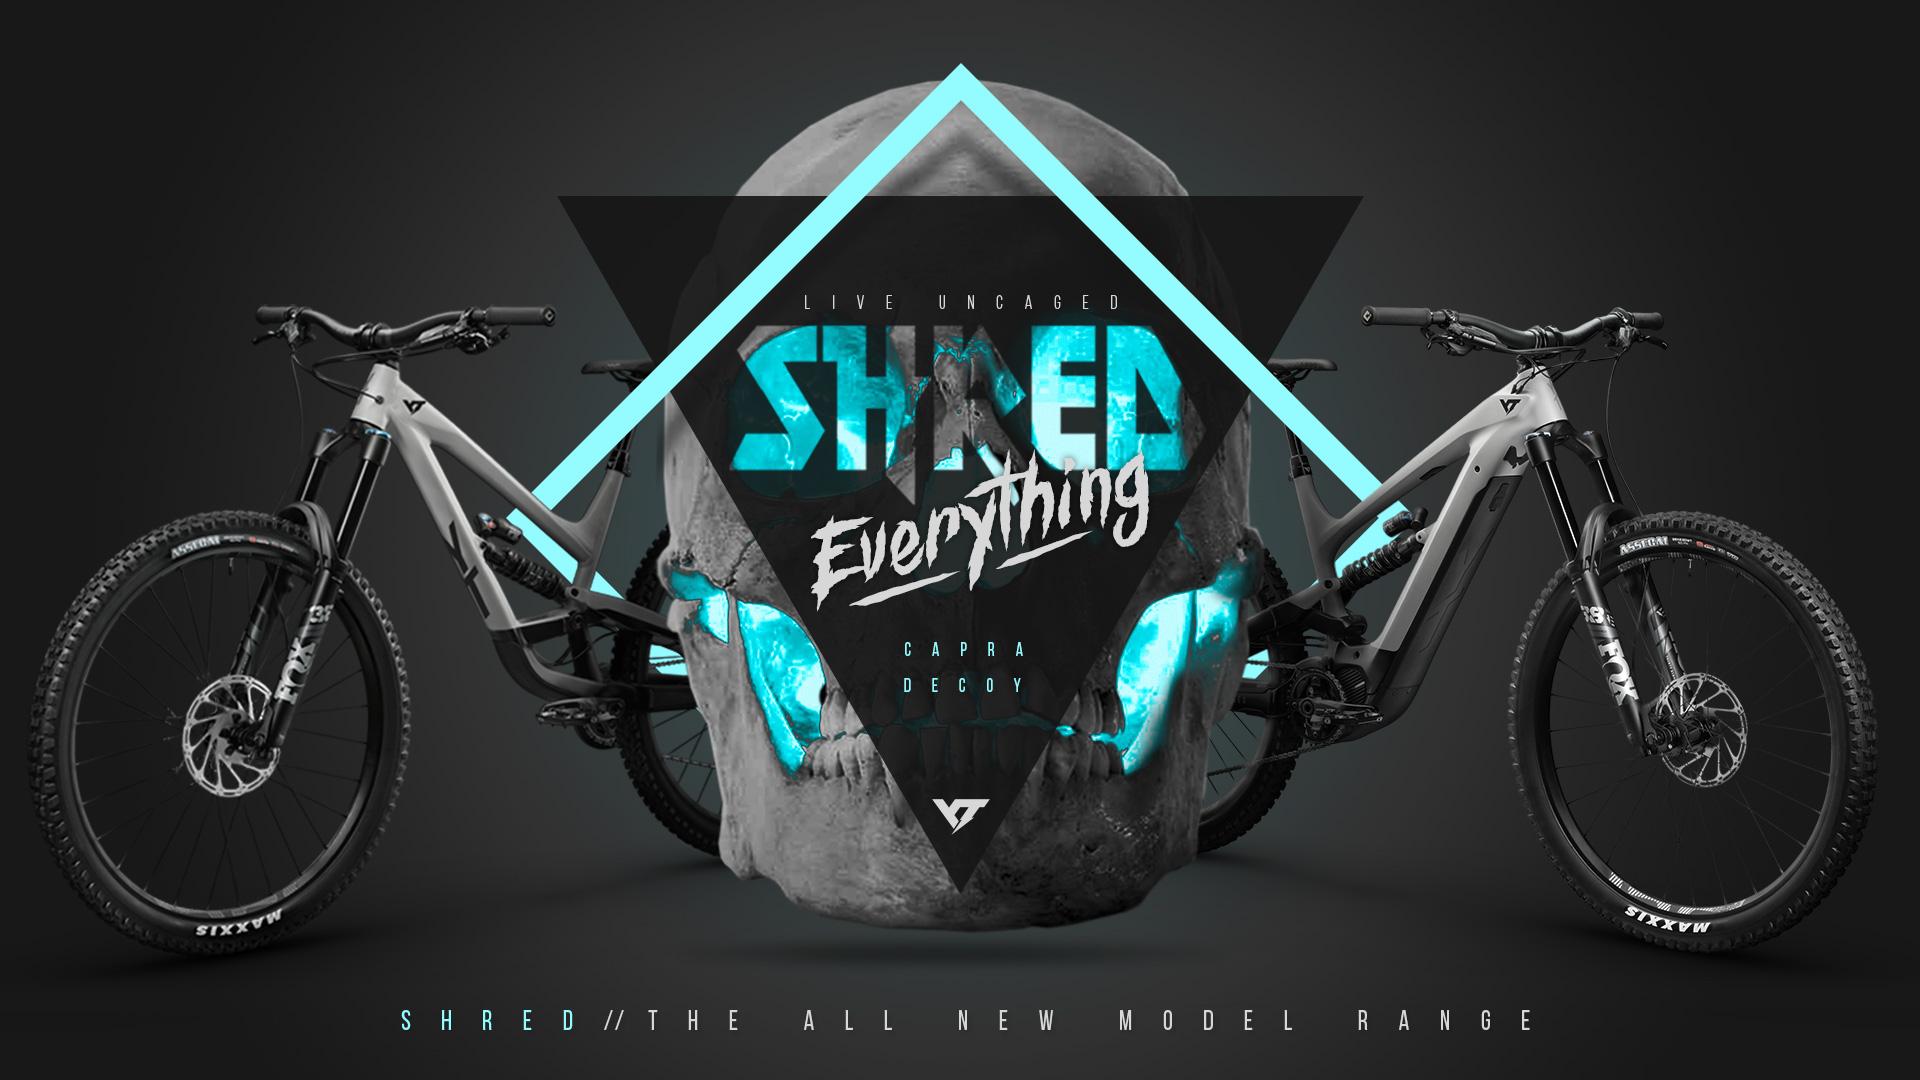 YT Shred